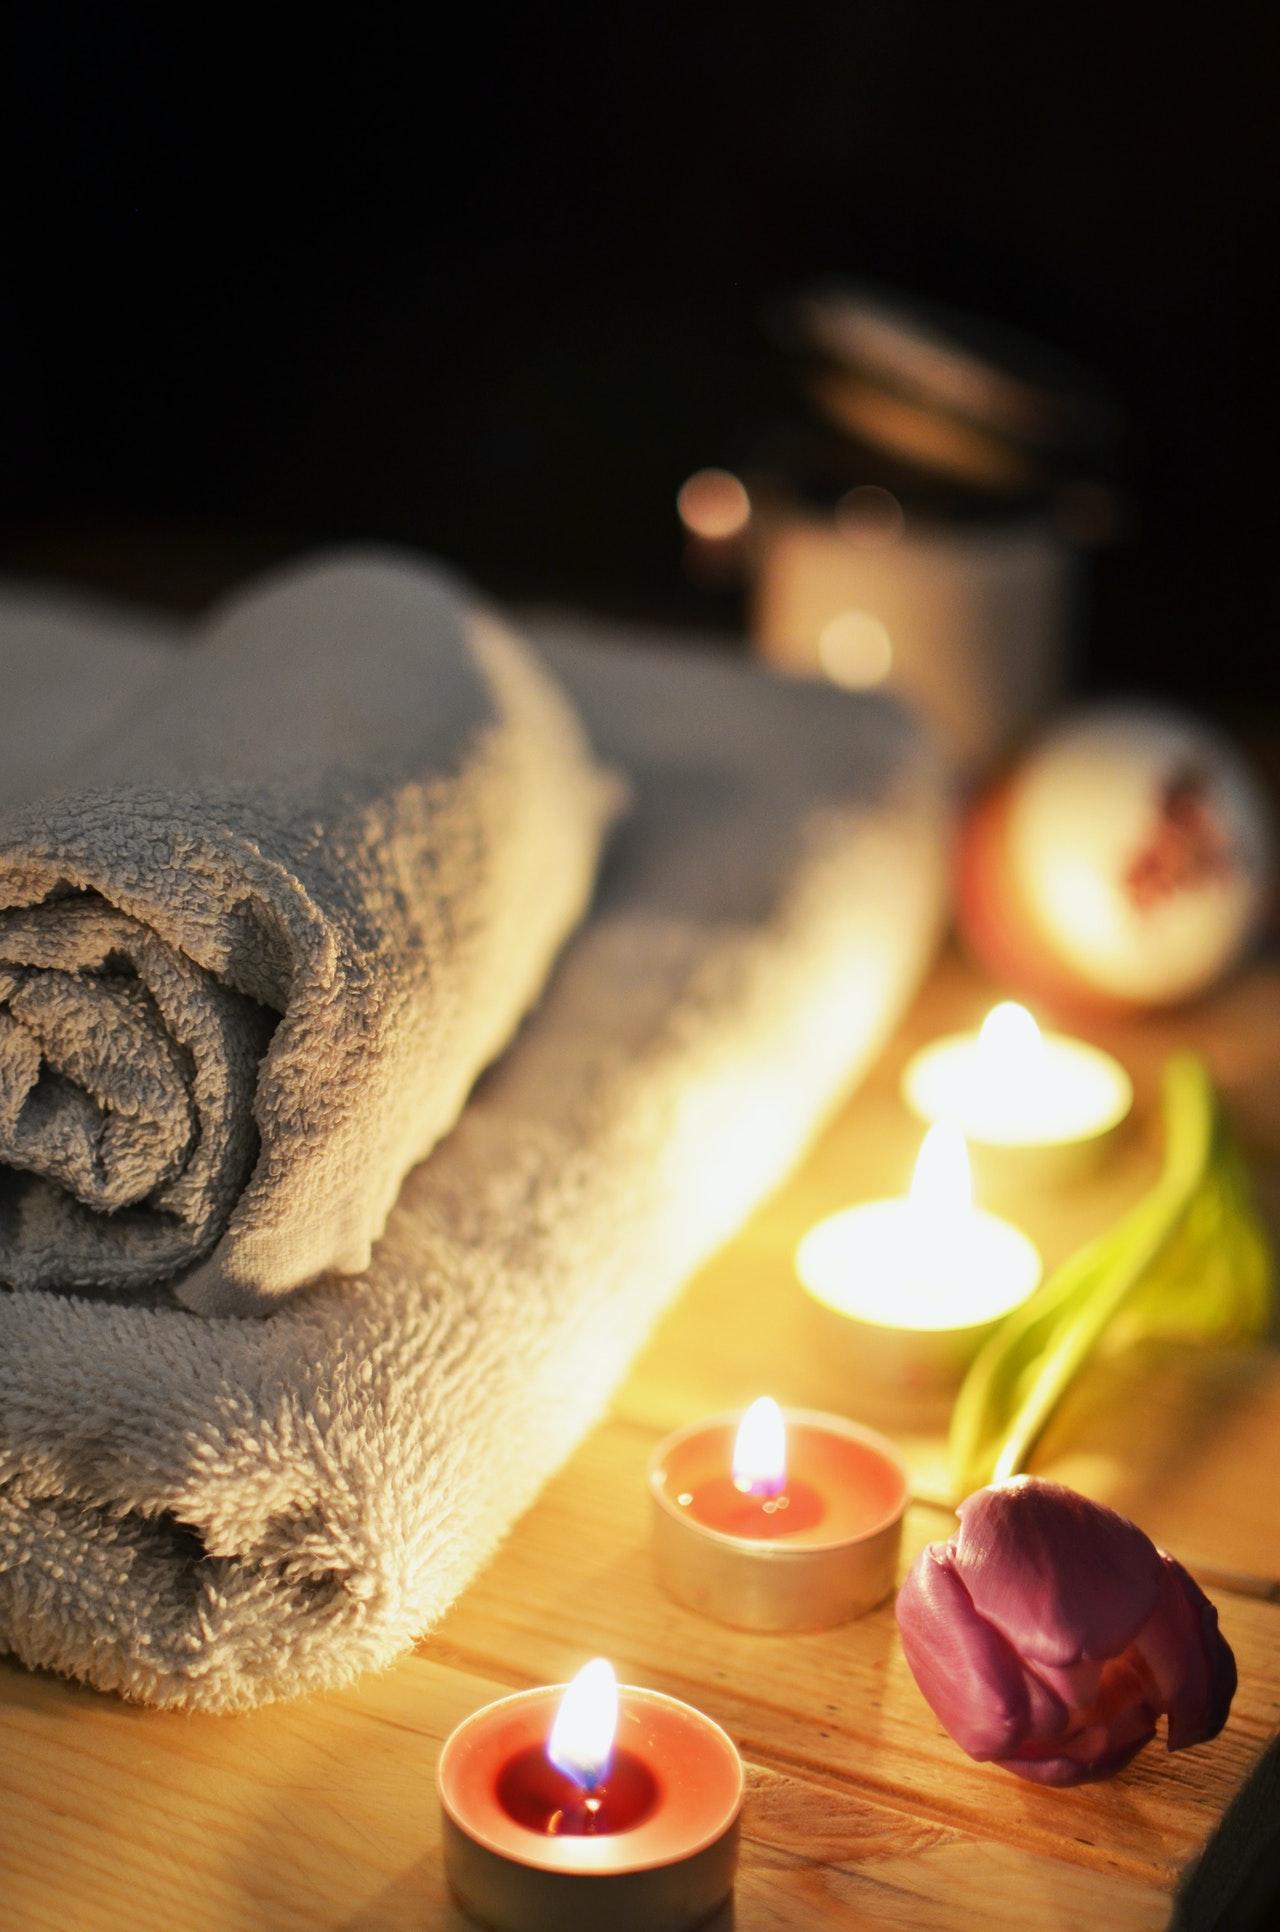 10 Amazing Benefits of Massage Therapy